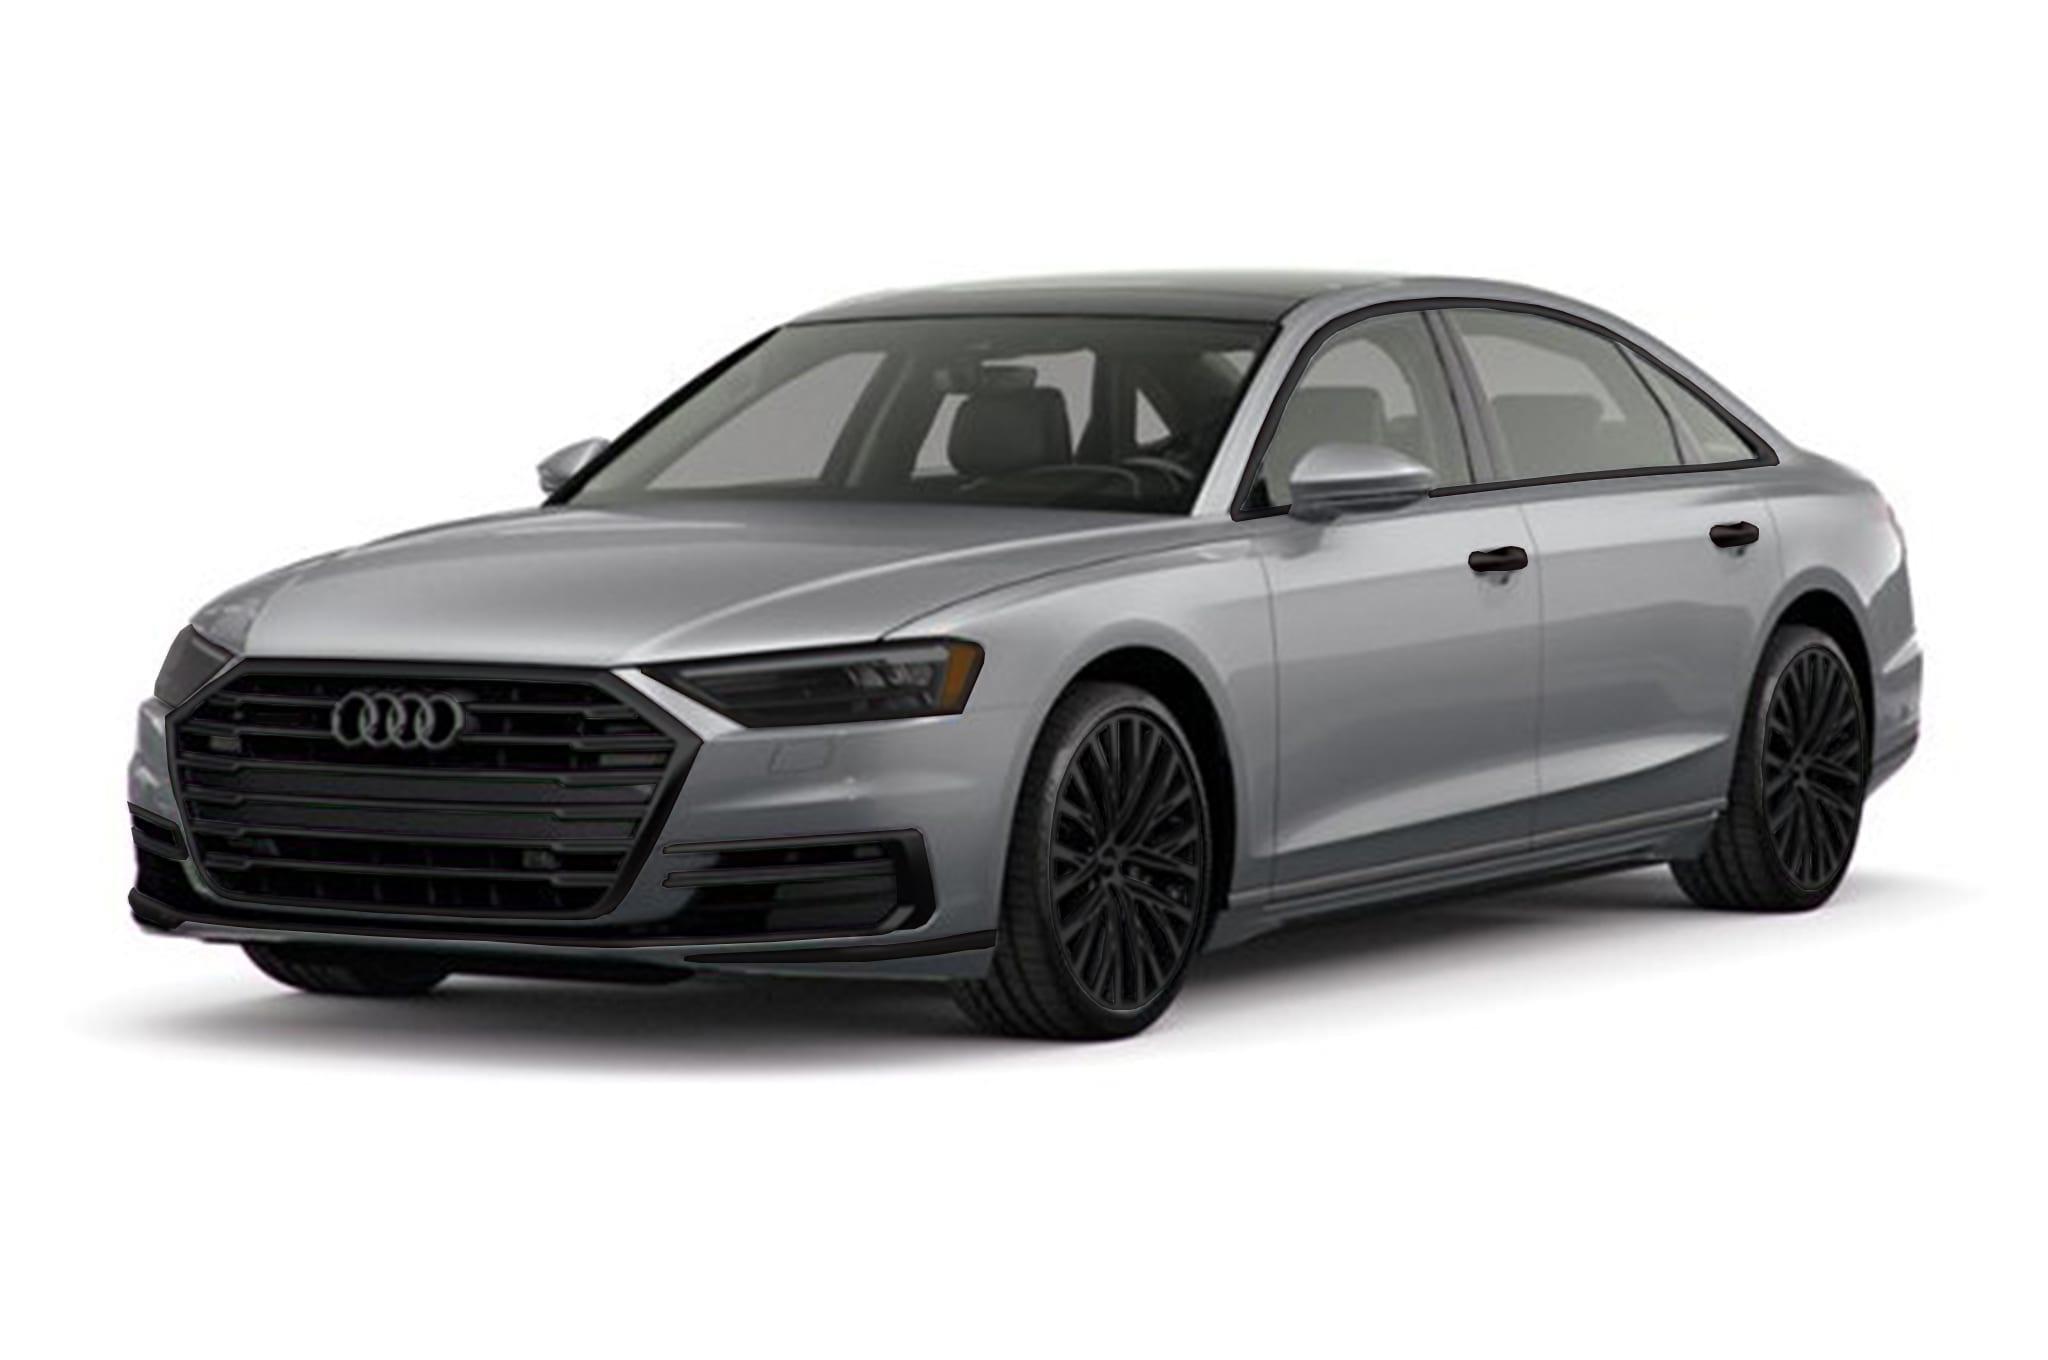 Audi A 8 >> Audi A8 | Test Site